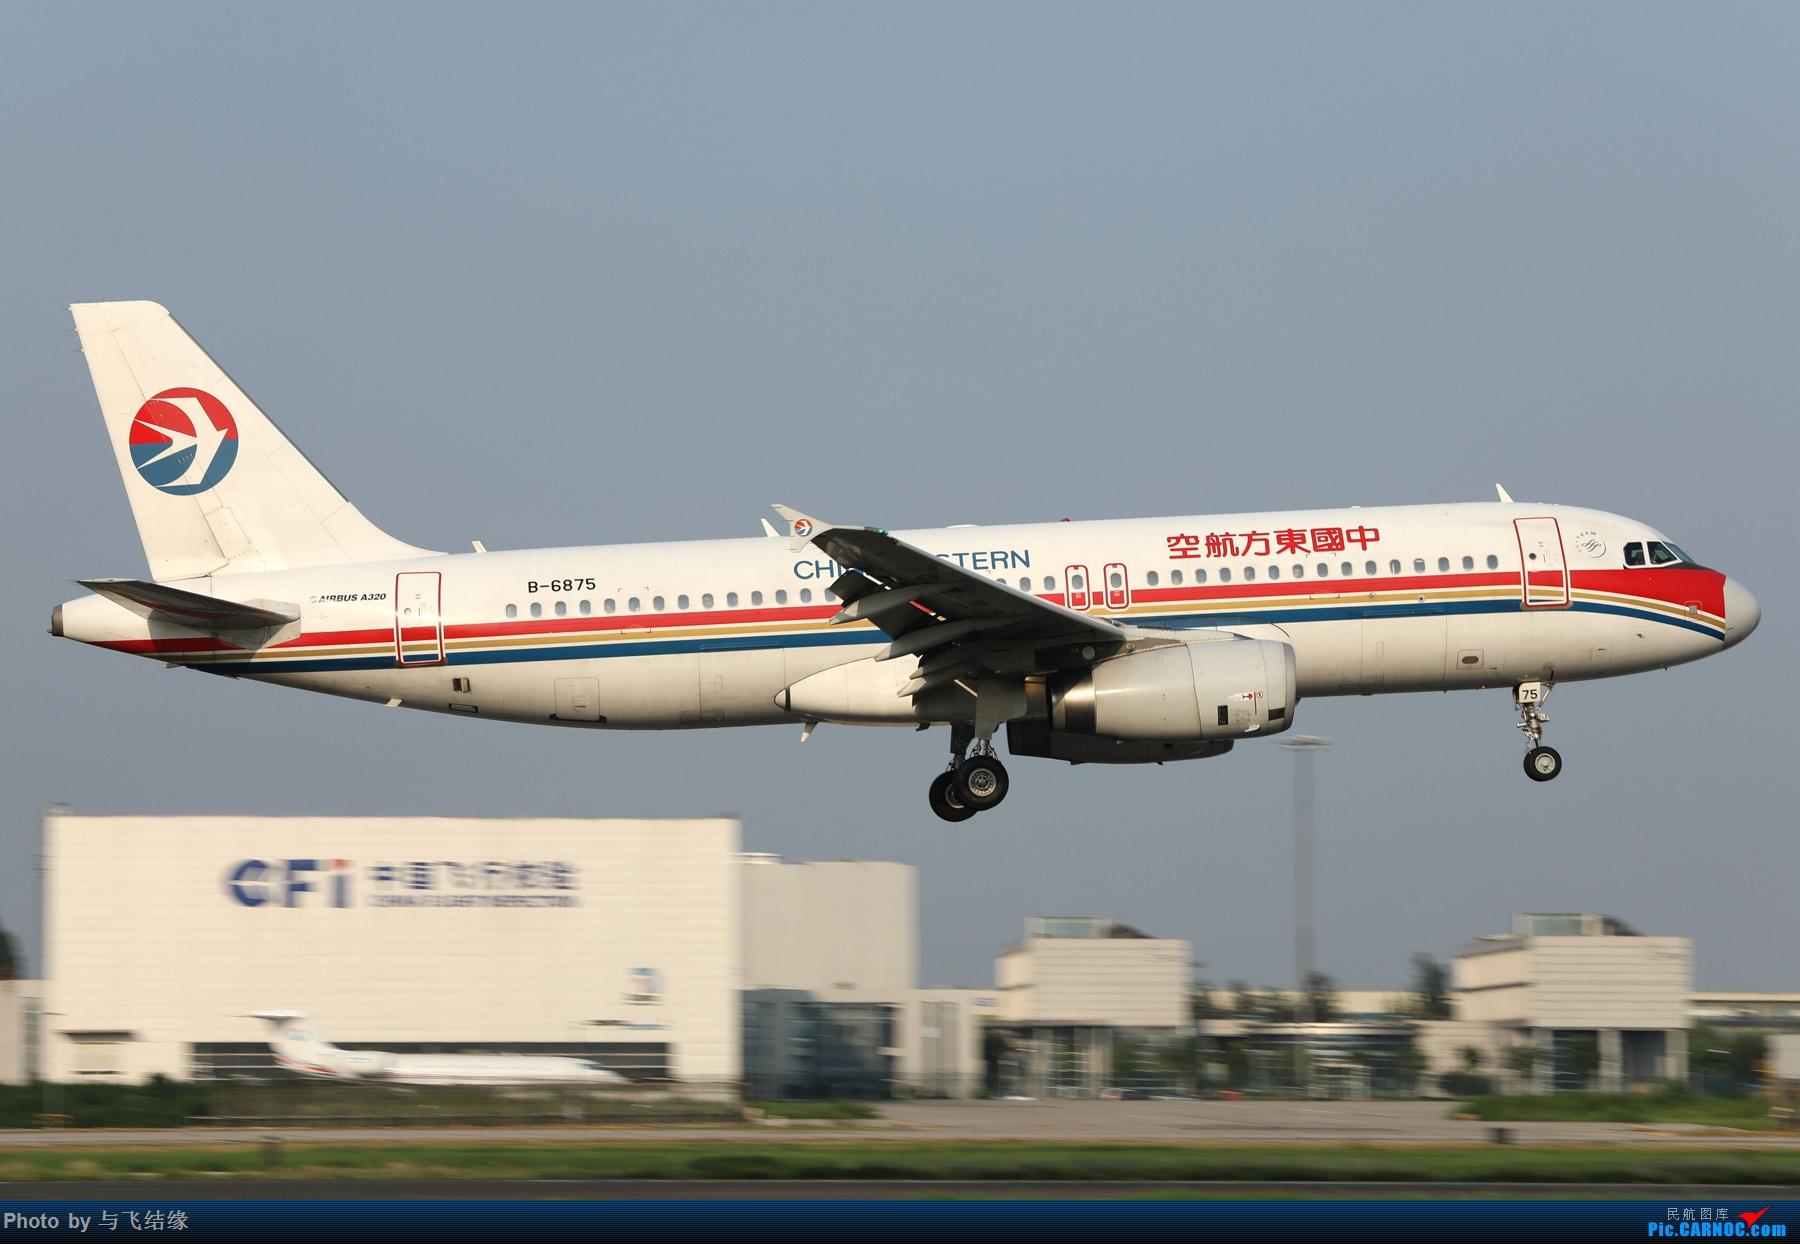 Re:[原创]3.20随便发几张空客320吧! AIRBUS A320-200 B-6875 中国北京首都国际机场